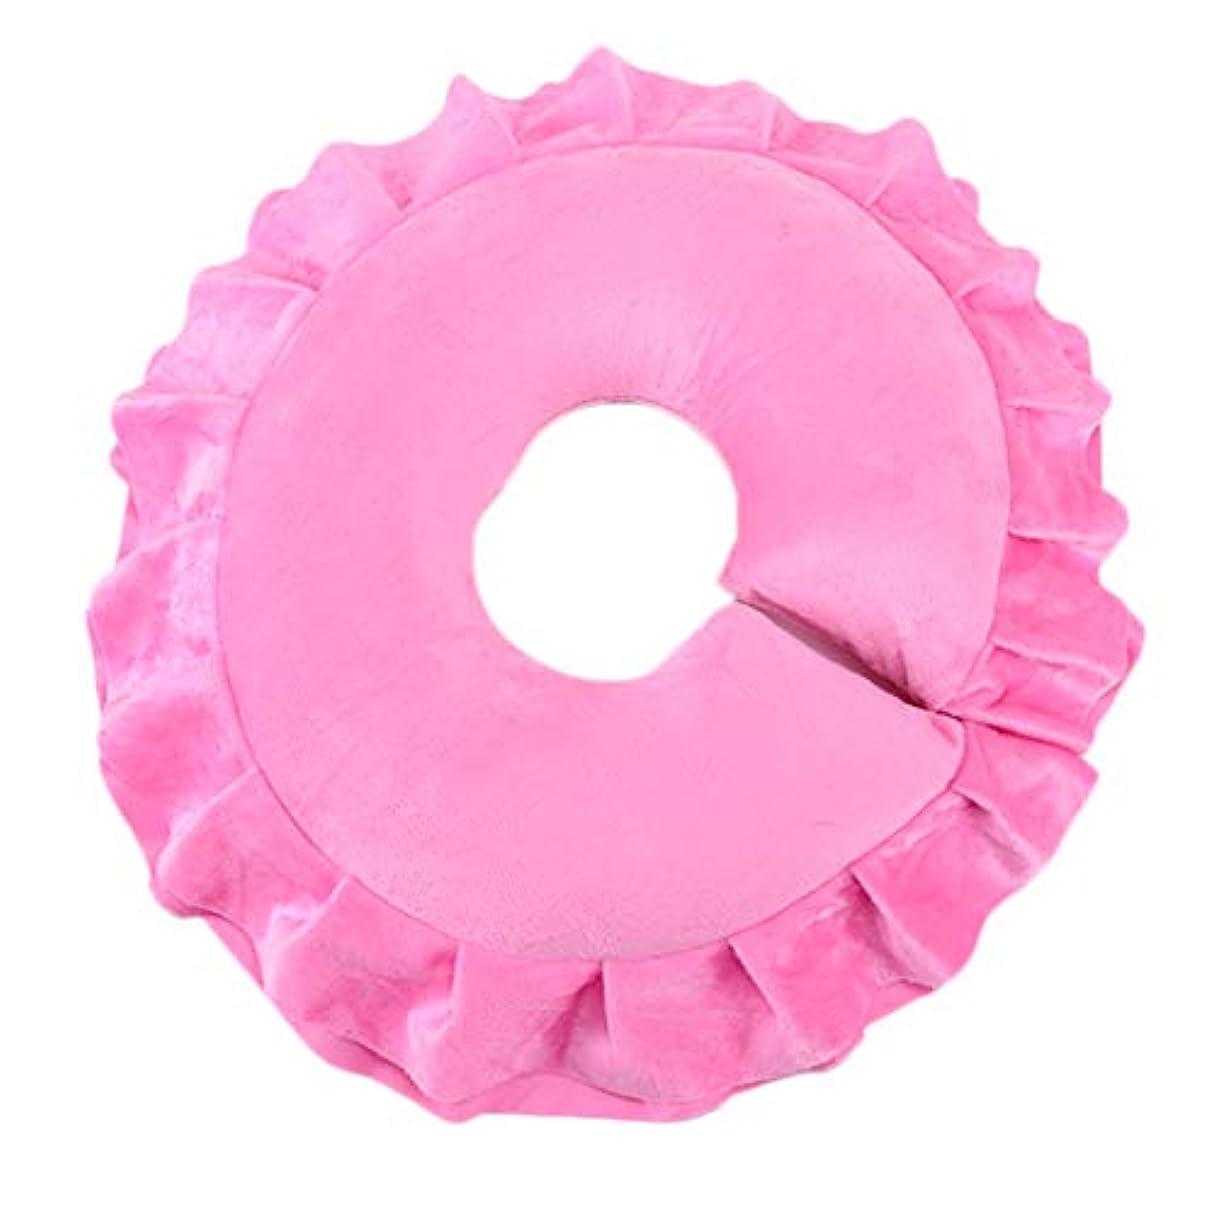 ベテラン論文破産フェイスクッション 顔枕 マッサージ用 マッサージピロー ボディマッサージ サロン 全4色 - ピンク